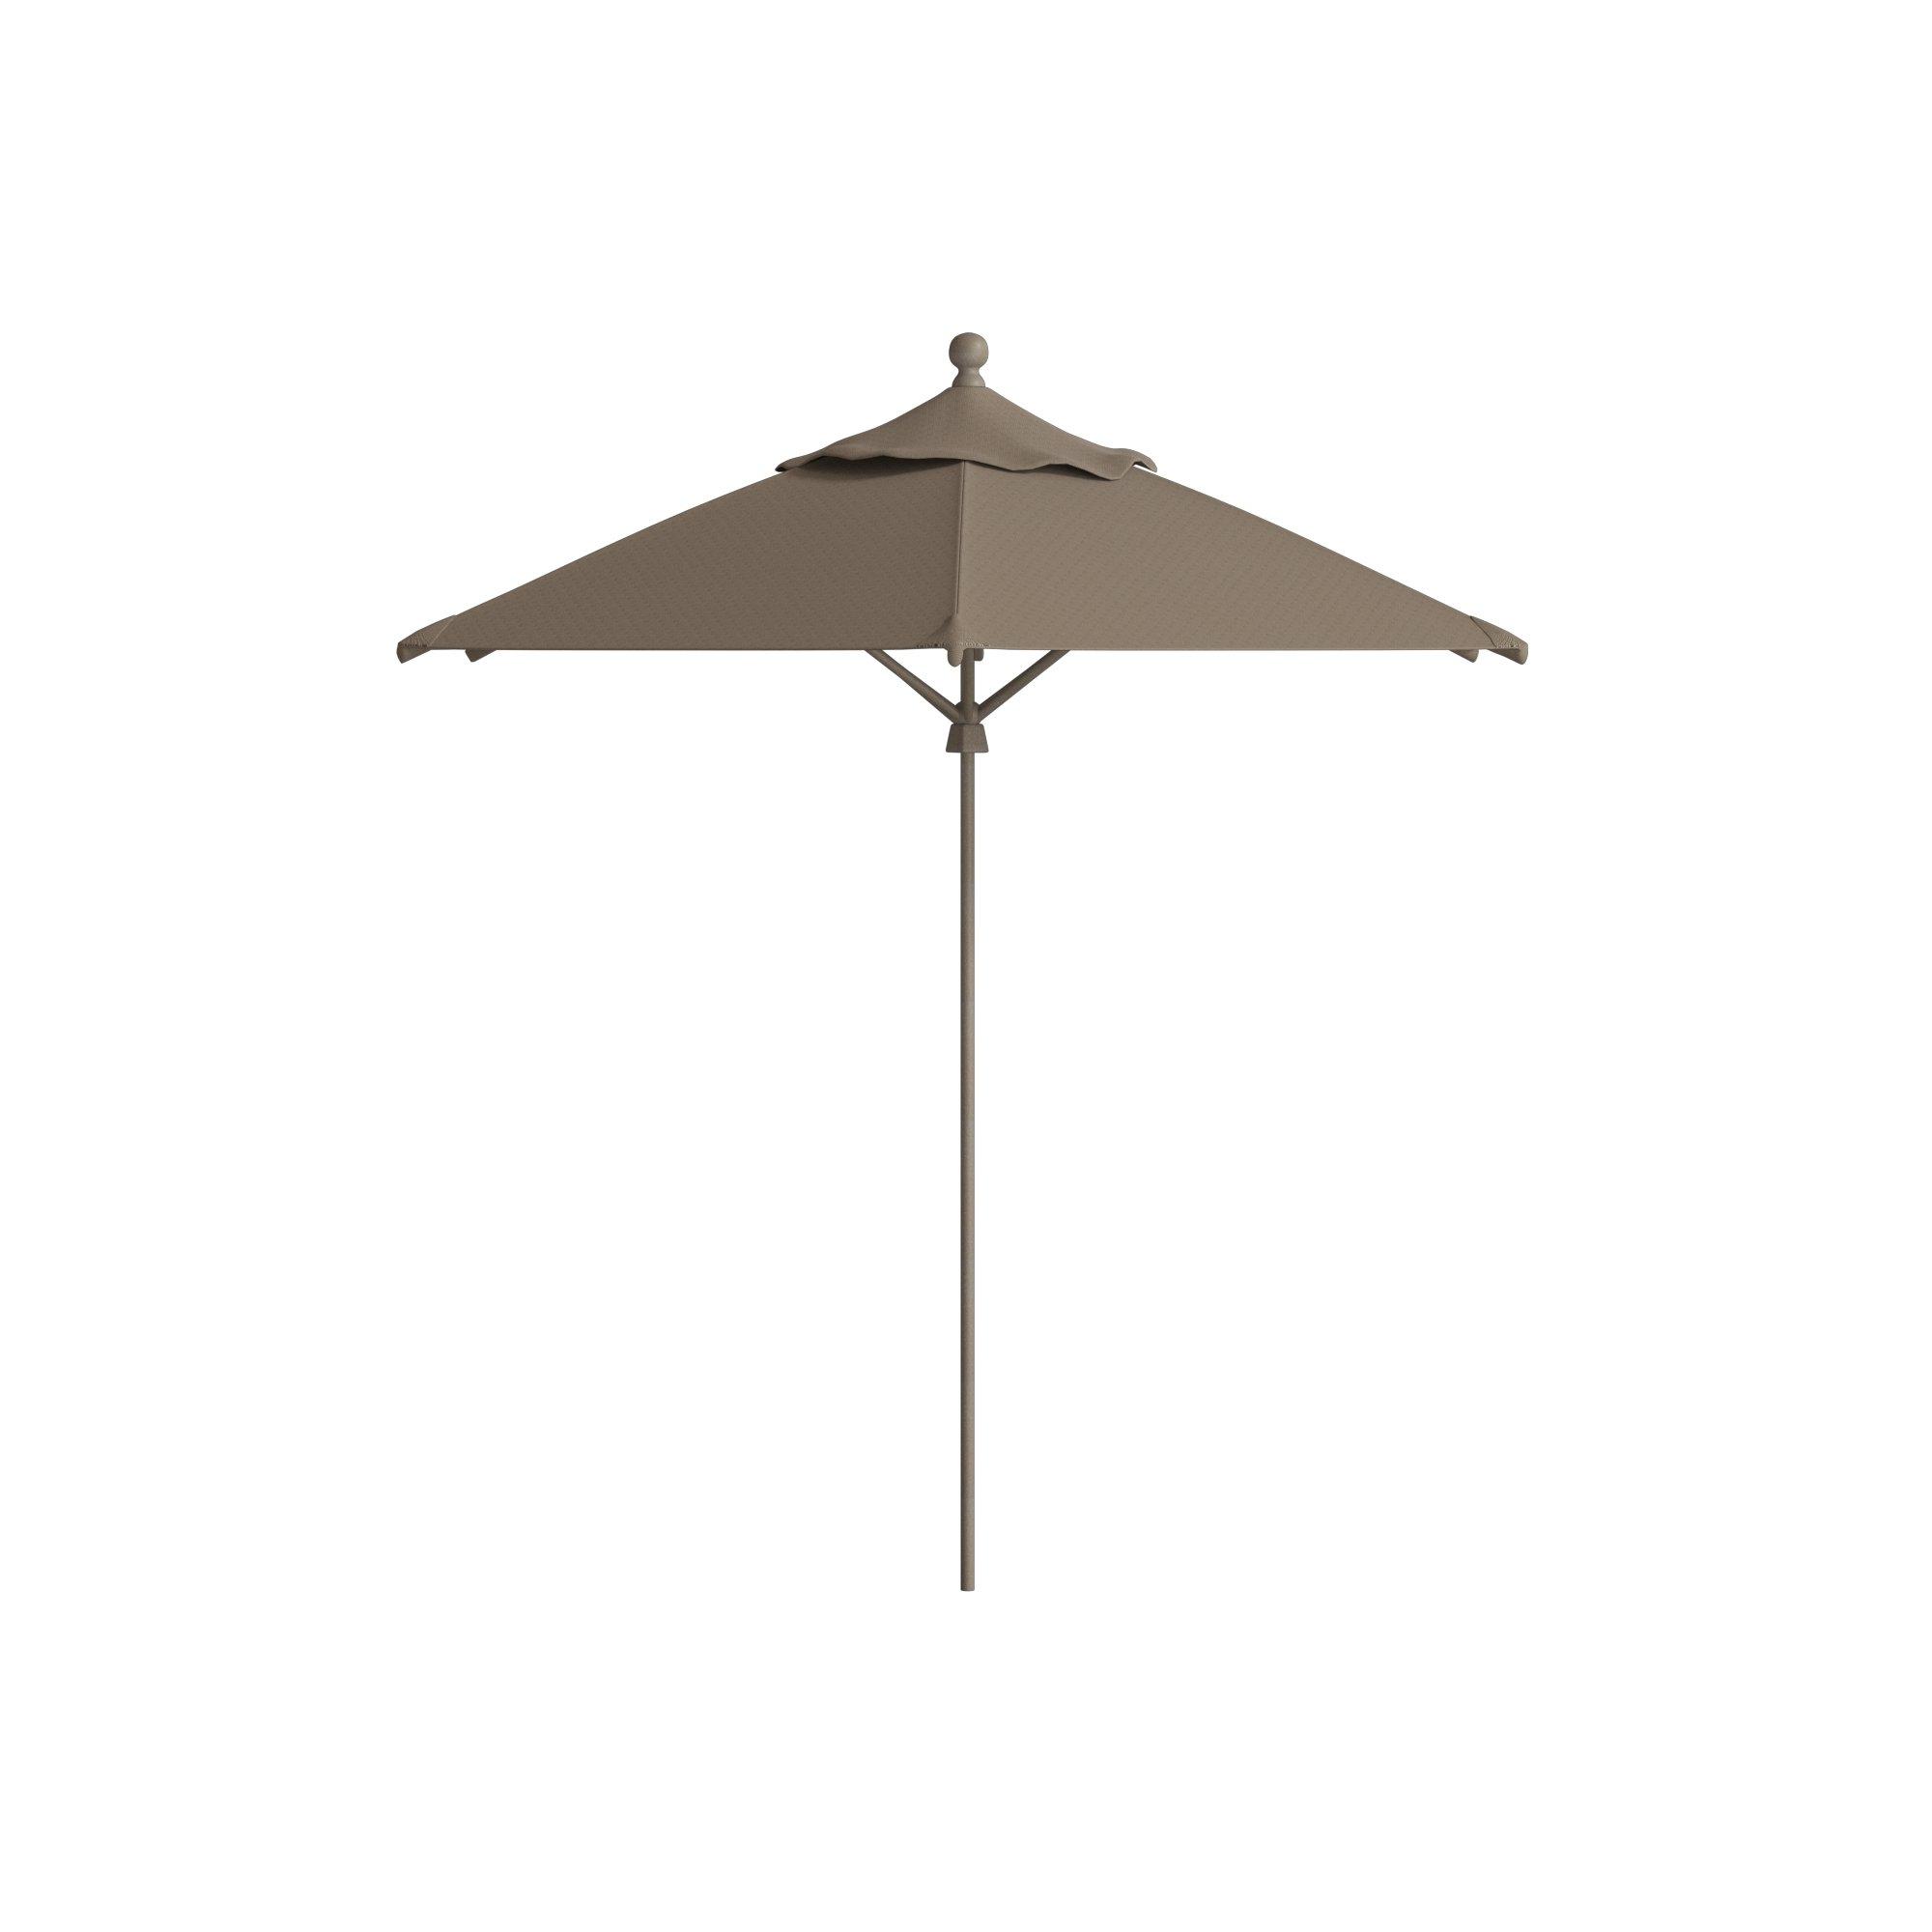 Portofino 8' Market Umbrella Pertaining To Popular Caravelle Market Umbrellas (View 16 of 20)